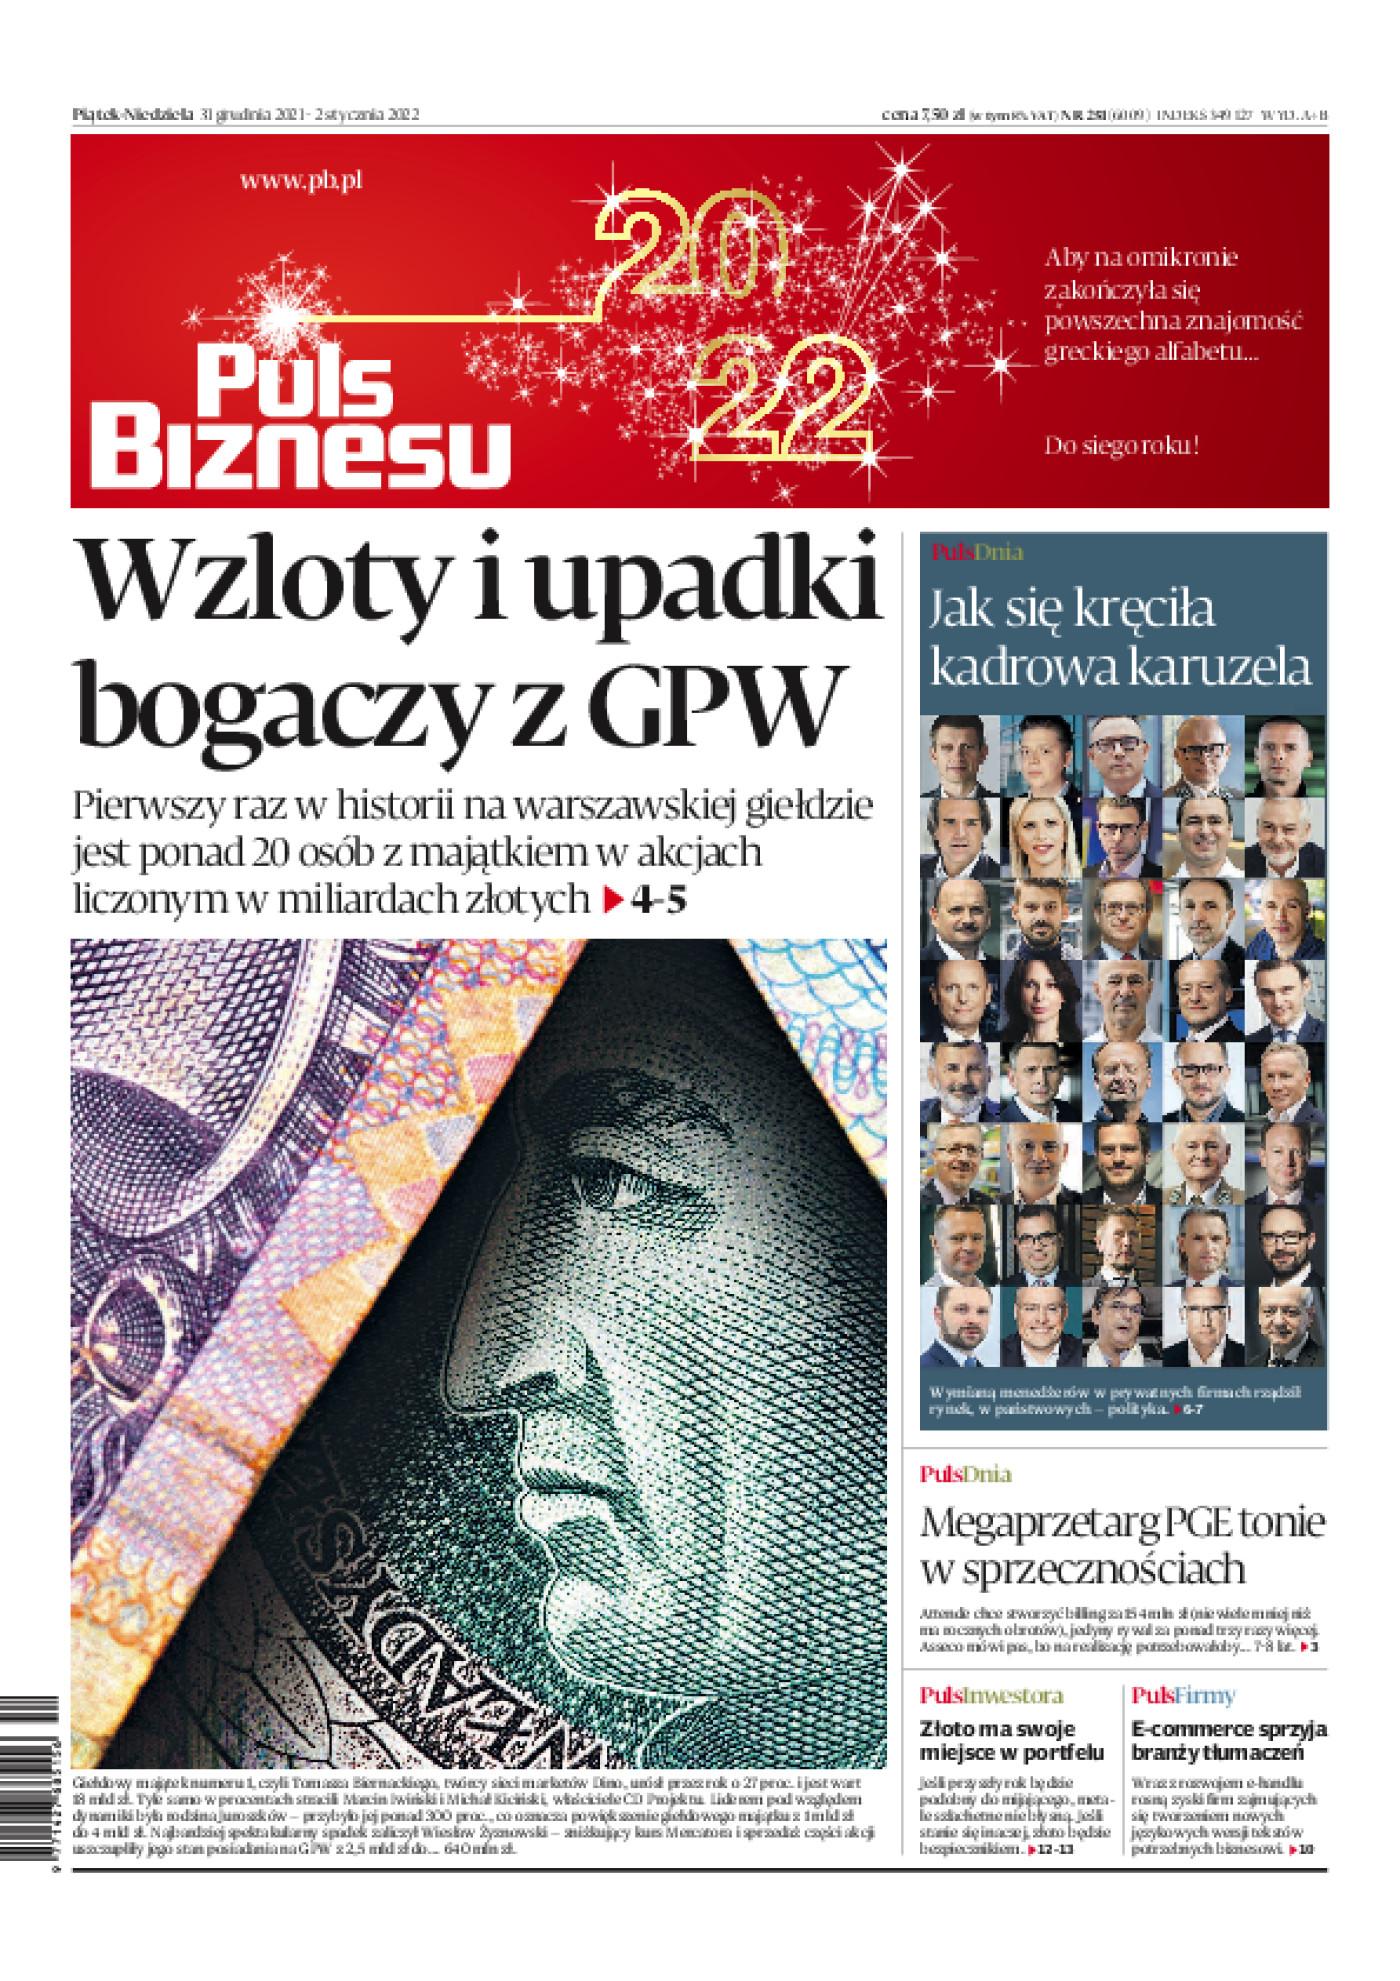 Puls Biznesu - e-wydanie